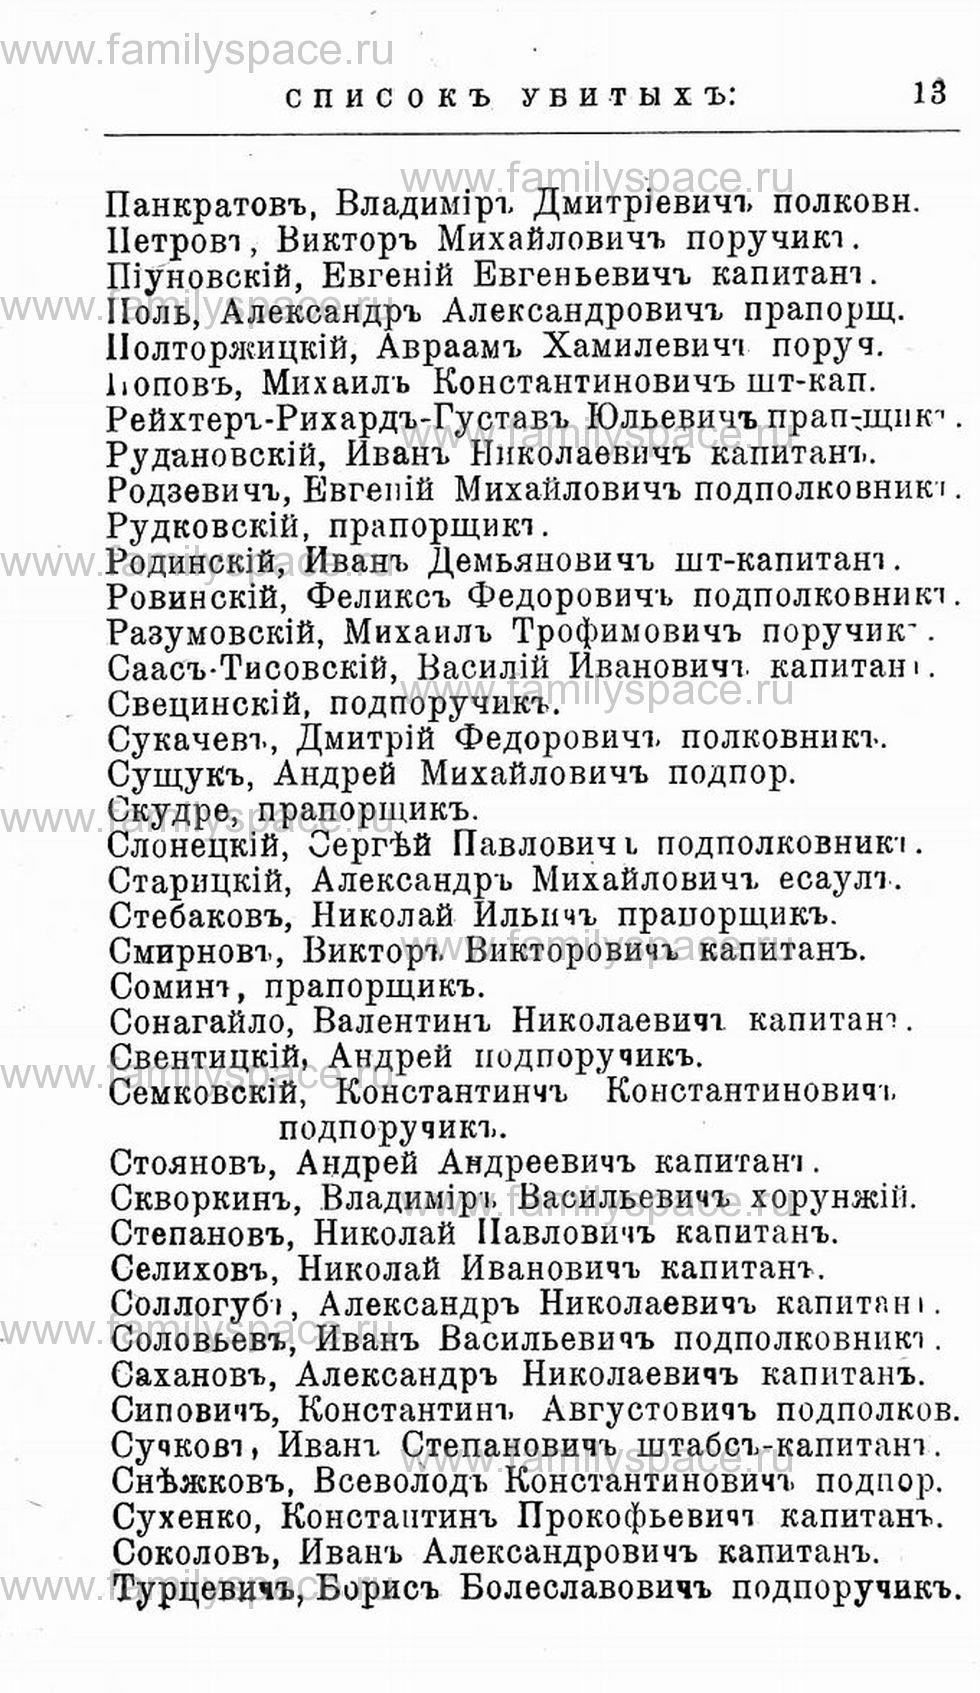 Поиск по фамилии - Первая мировая война - 1914 (списки убитых и раненых), страница 13